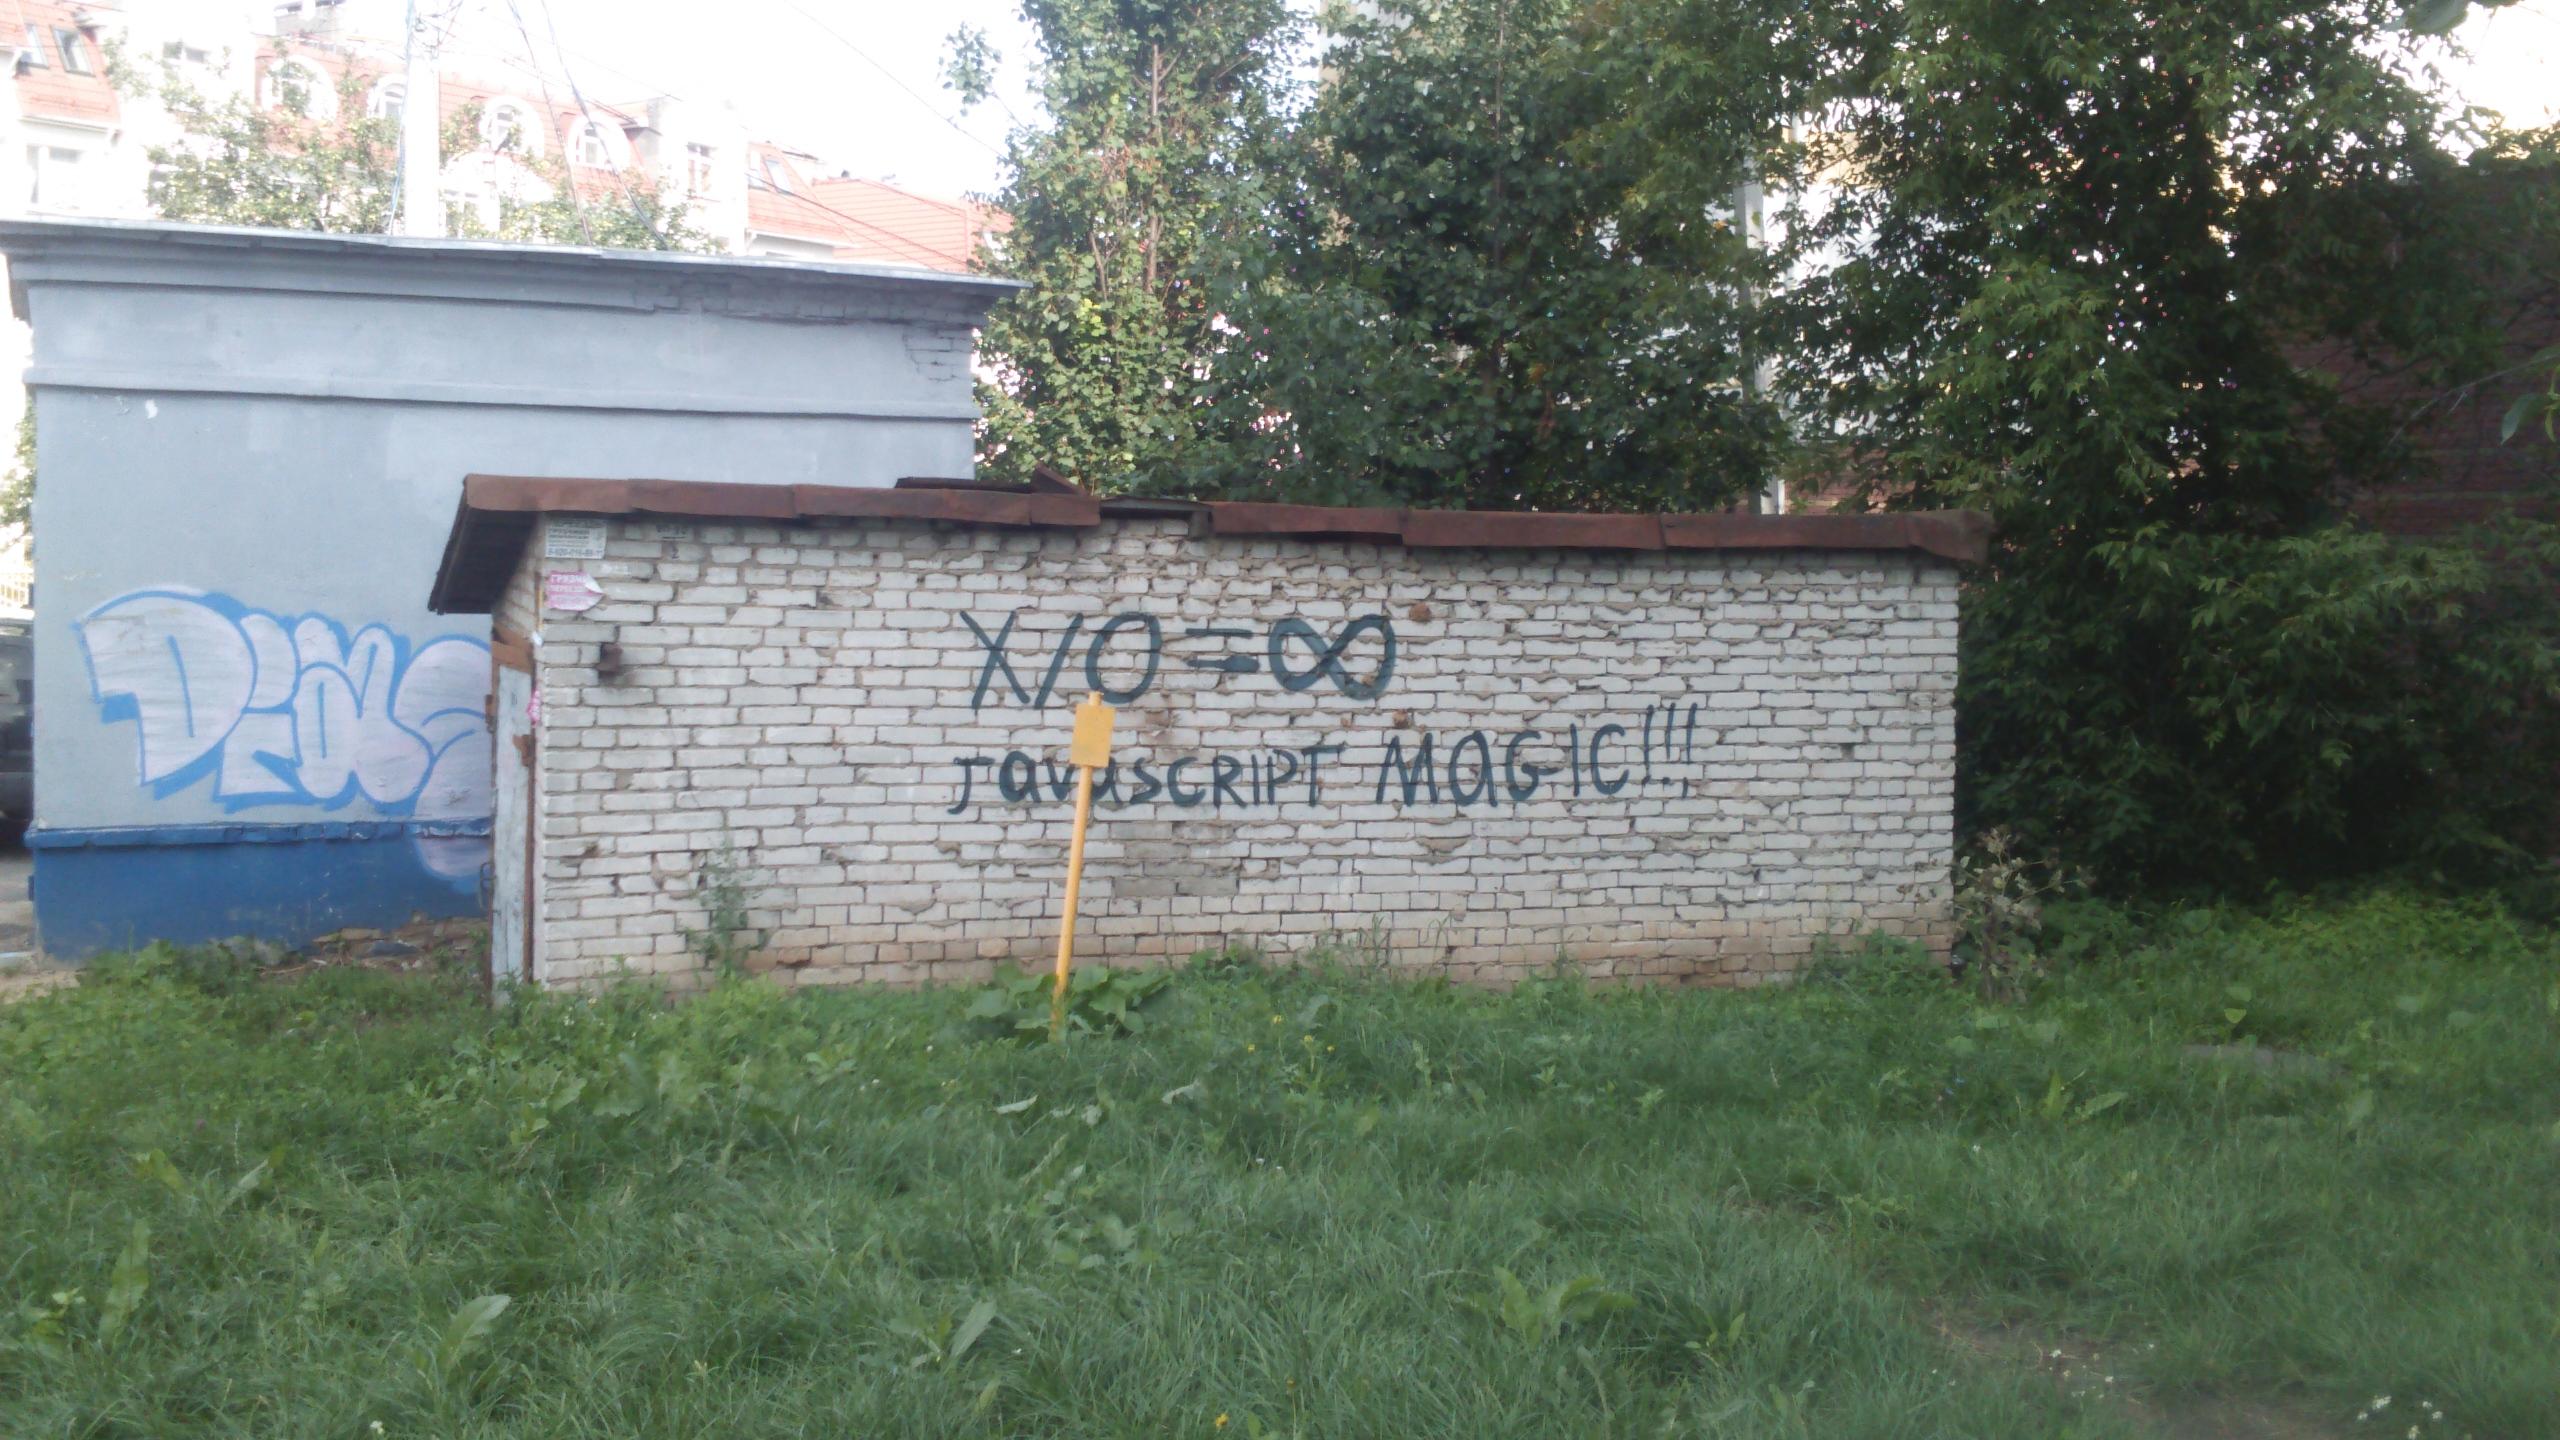 JavaScript is magic